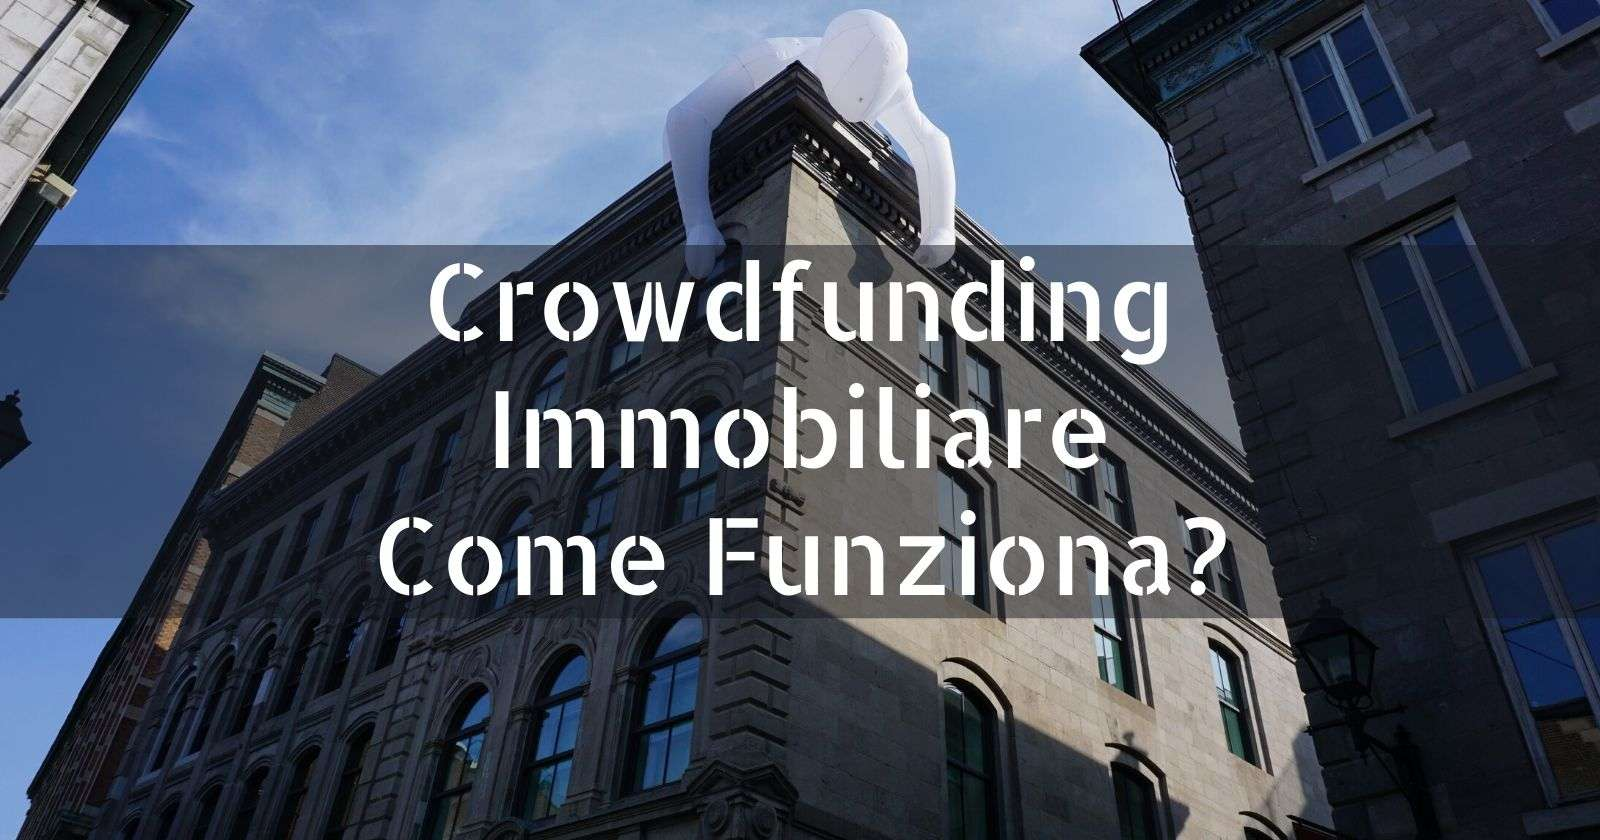 Crowdfunding Immobiliare ⭕️ Migliori piattaforme italiane. Rischi e opinioni